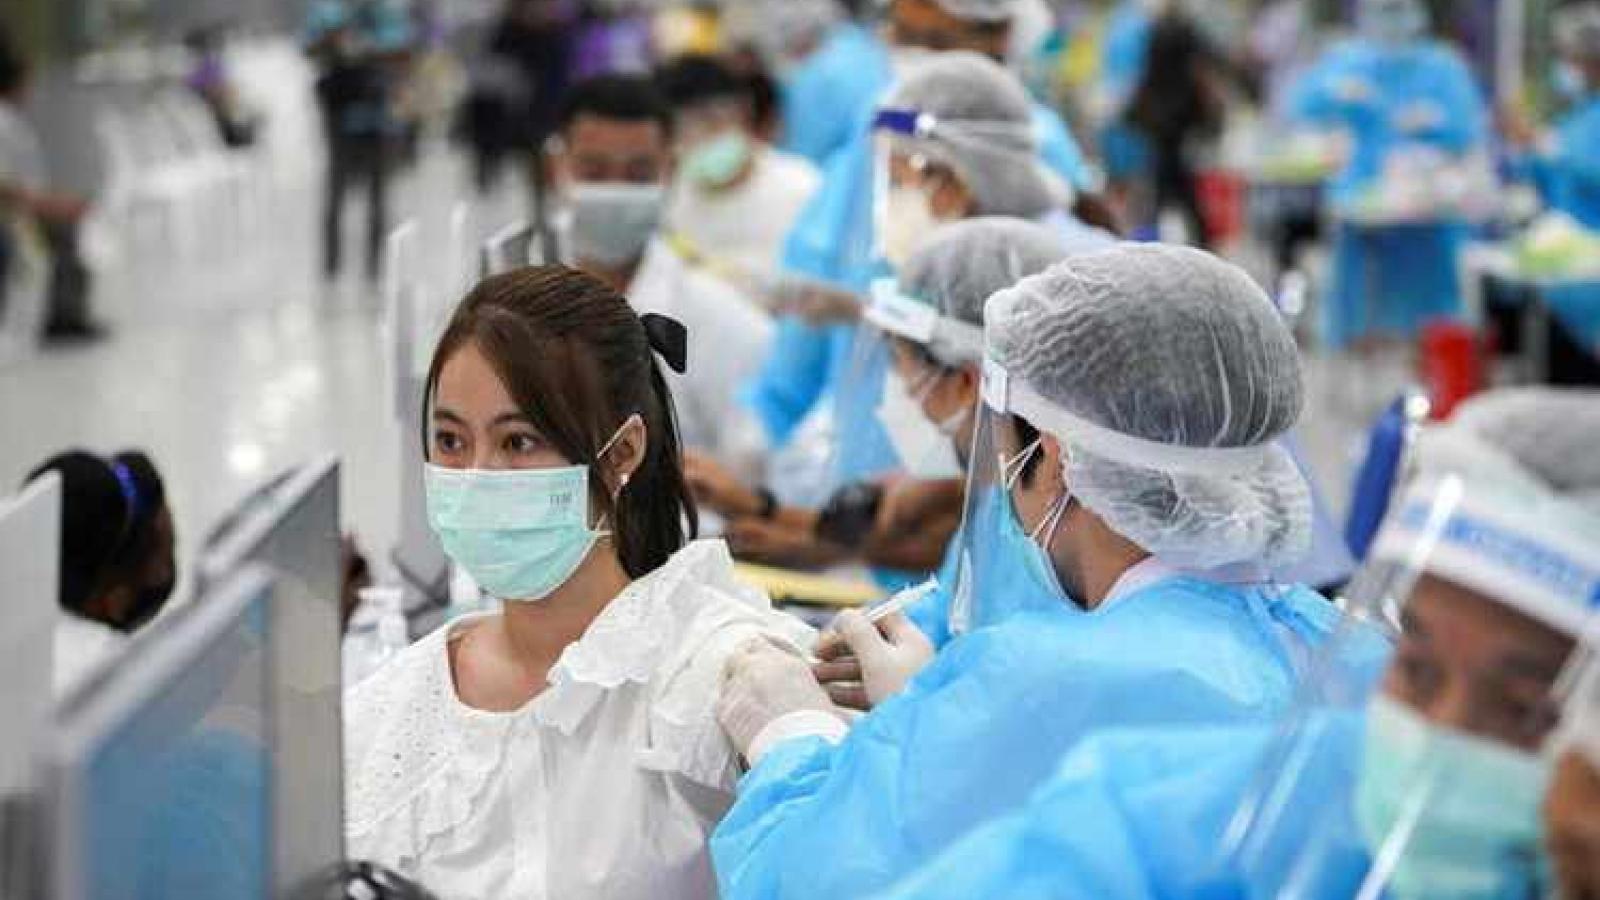 Thái Lan chuẩn bị tiêm vaccine ngừa Covid-19 cho người nước ngoài